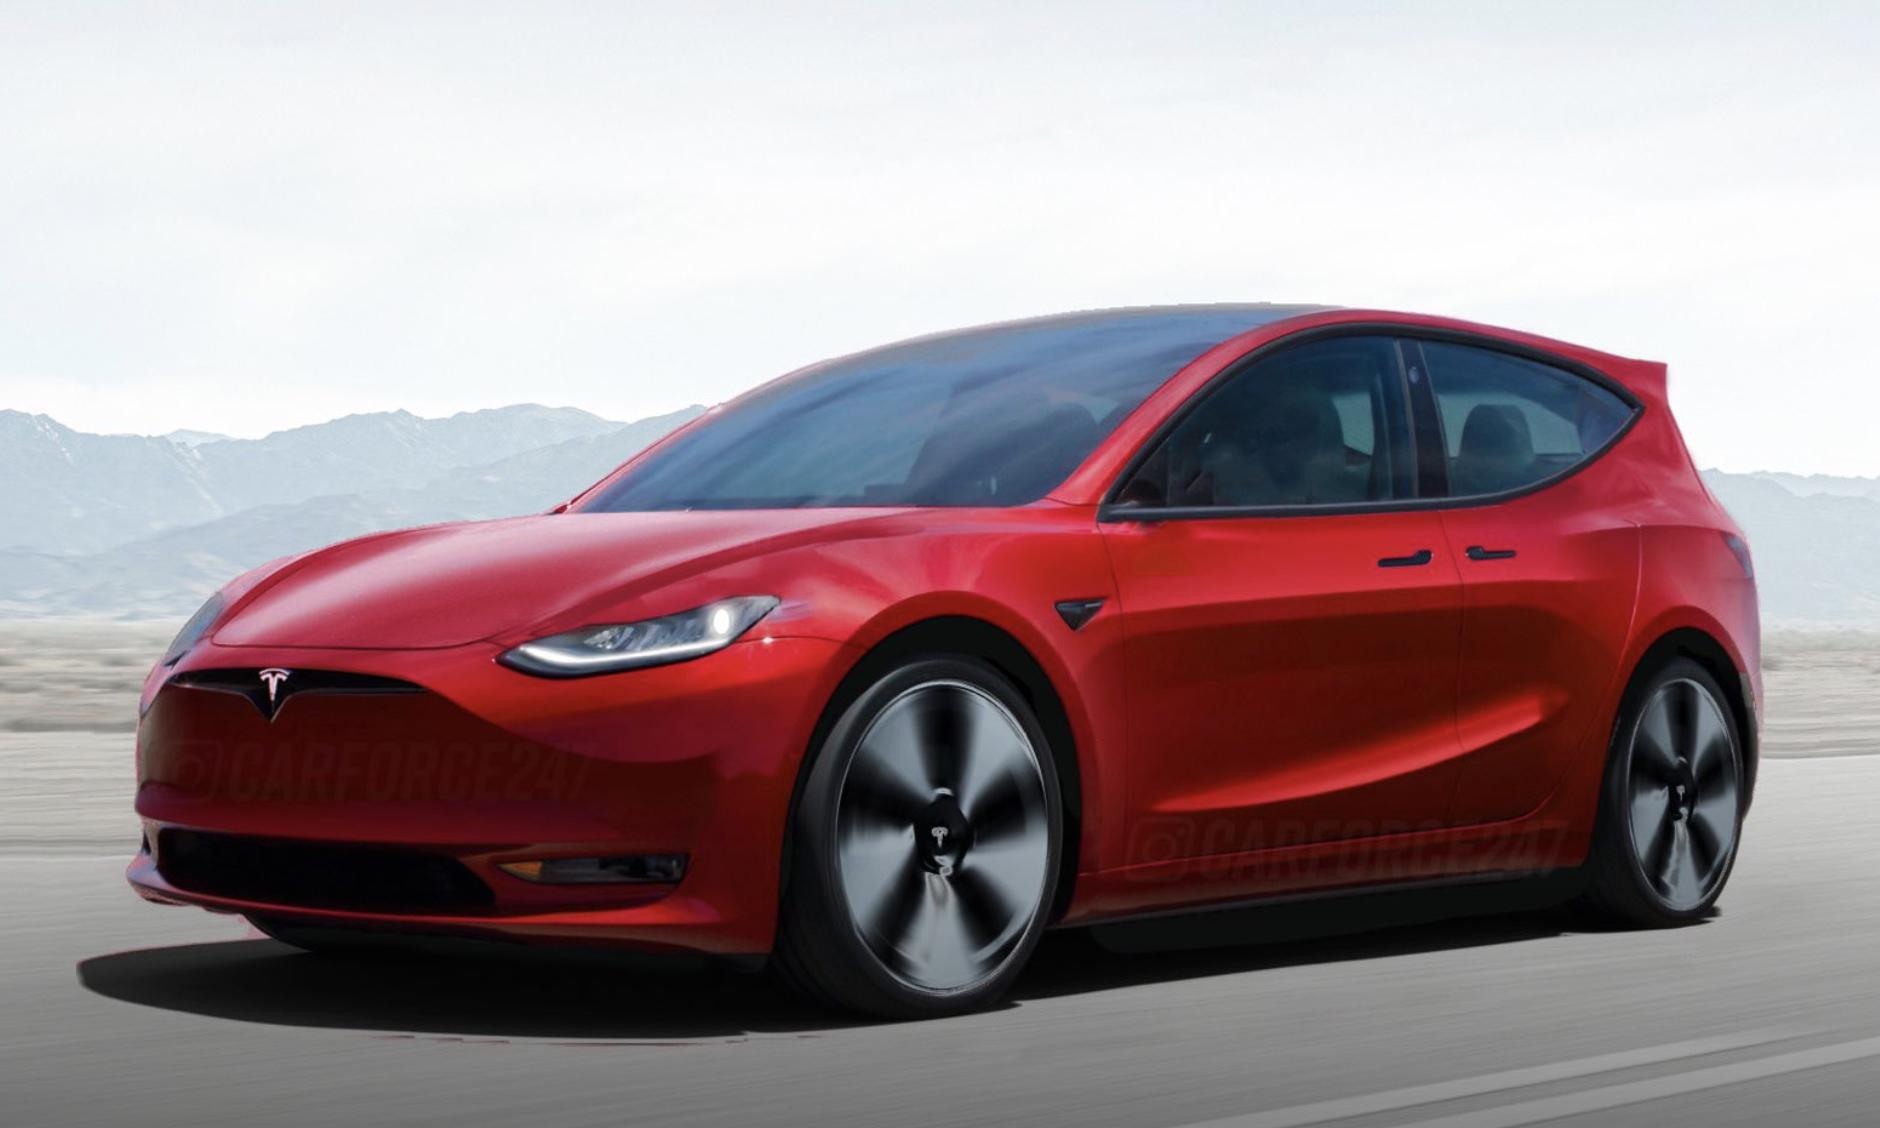 特斯拉新车或将命名 Model Q,2023 年上市